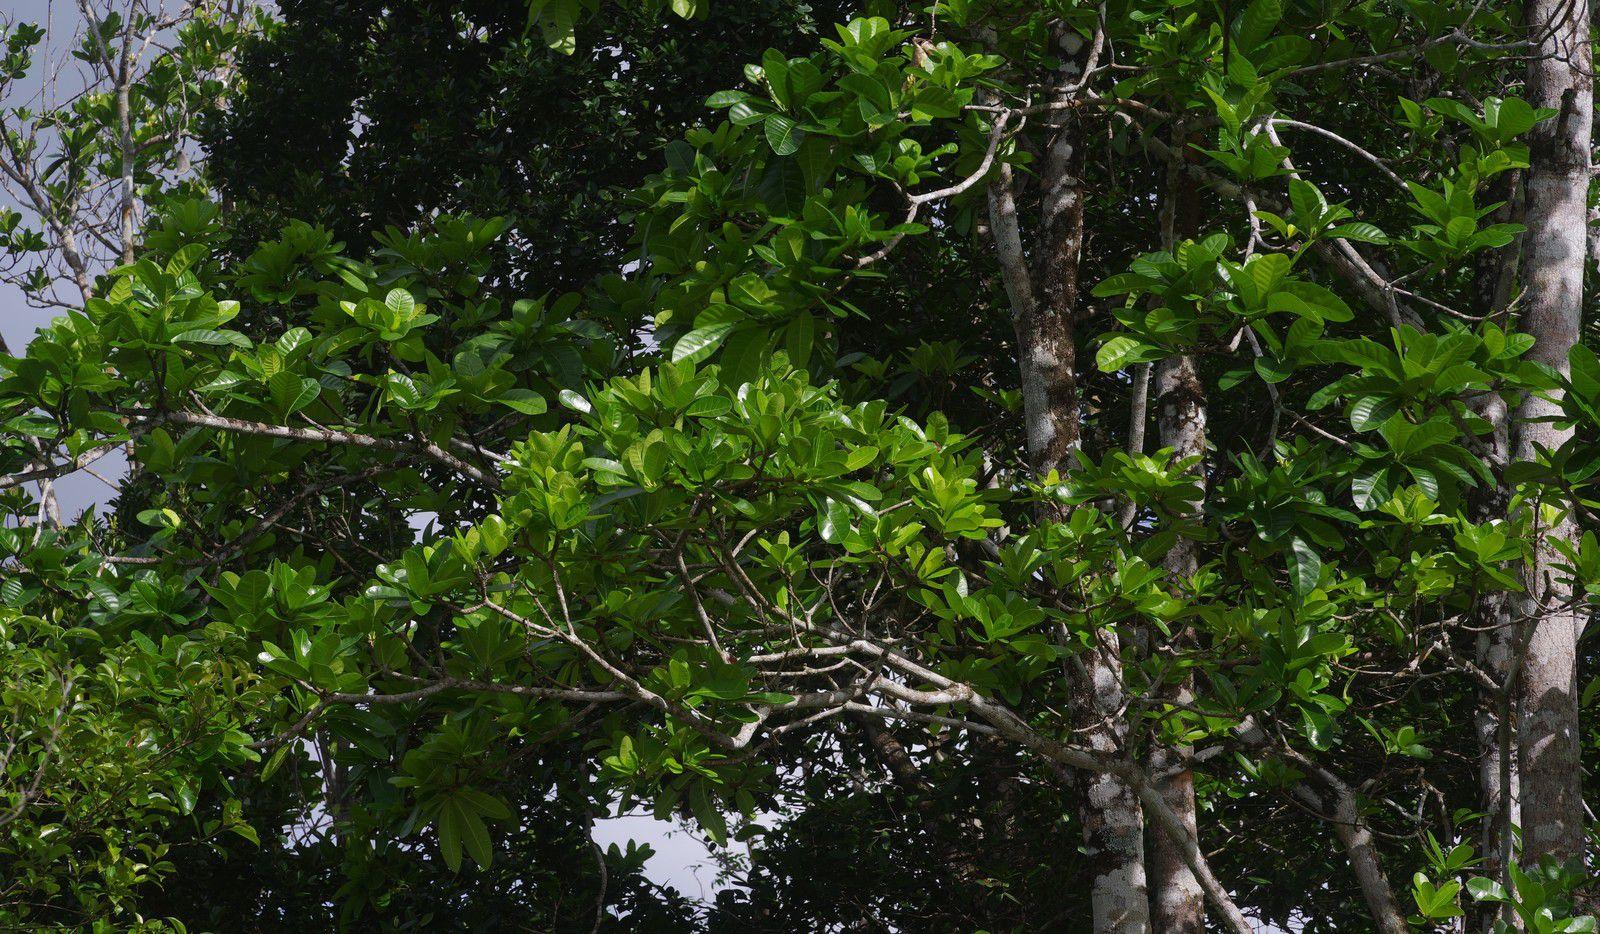 Himatanthus articulatus